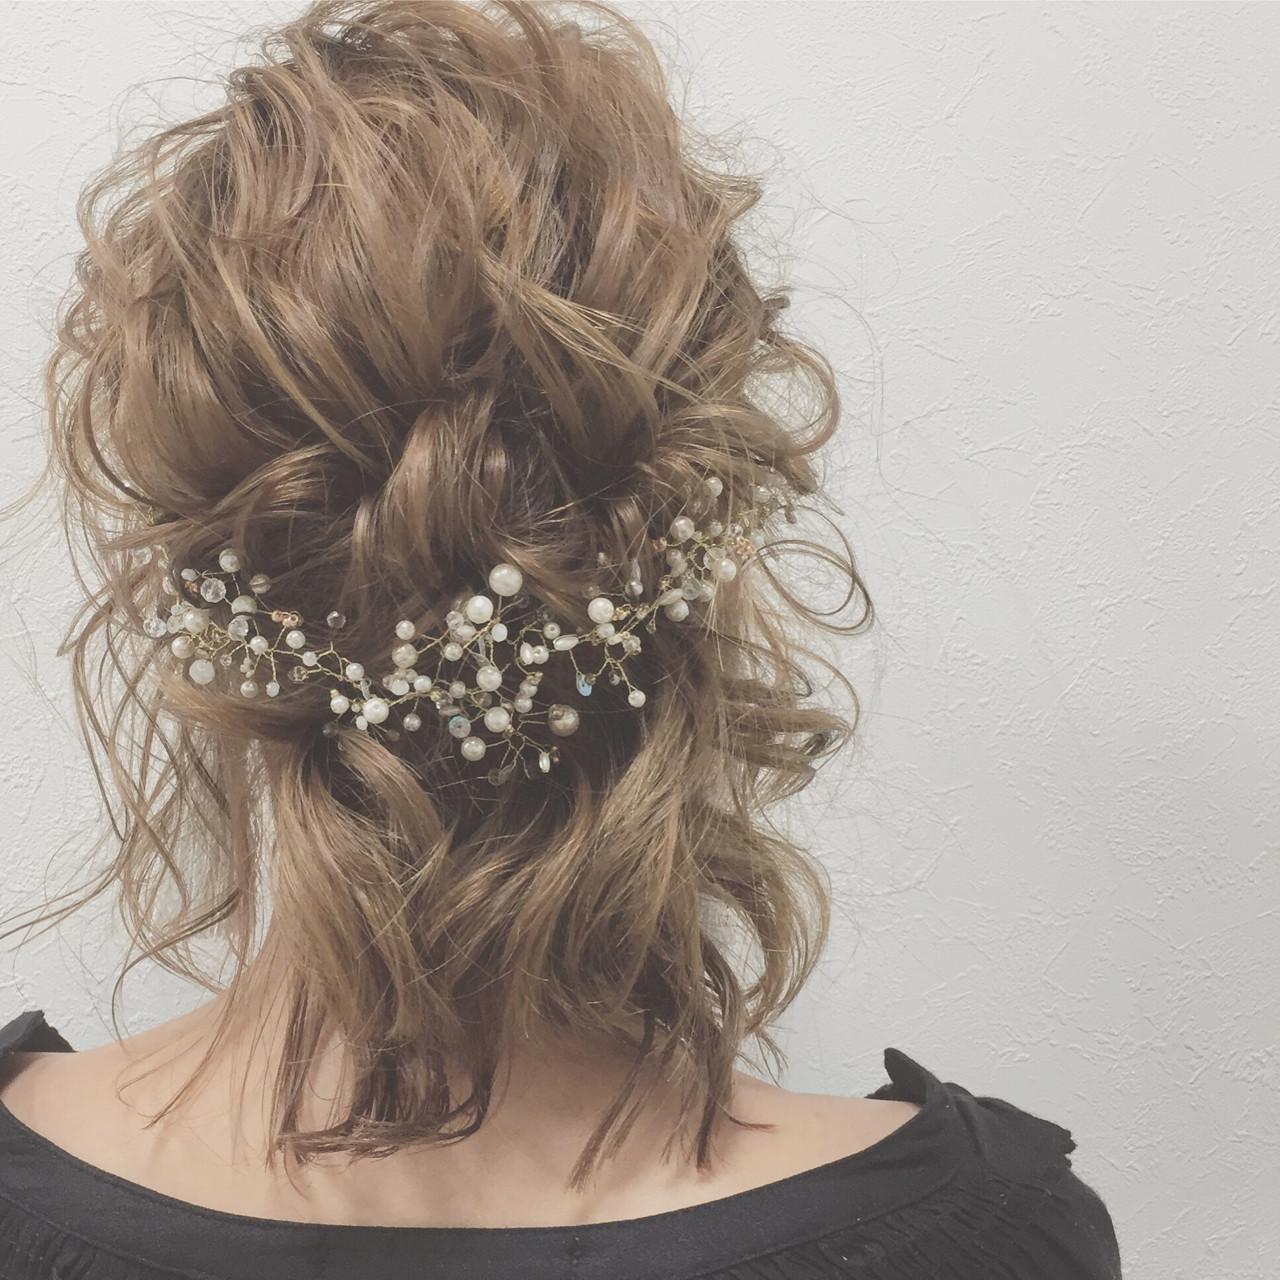 トレンドライクなバックカチューシャは、デザイン次第では結婚式でも使うことができます。こちらは、小枝にパールなどがついている可愛らしいもの。清楚で落ち着きのあるデザインで、結婚式にもおすすめですよ。